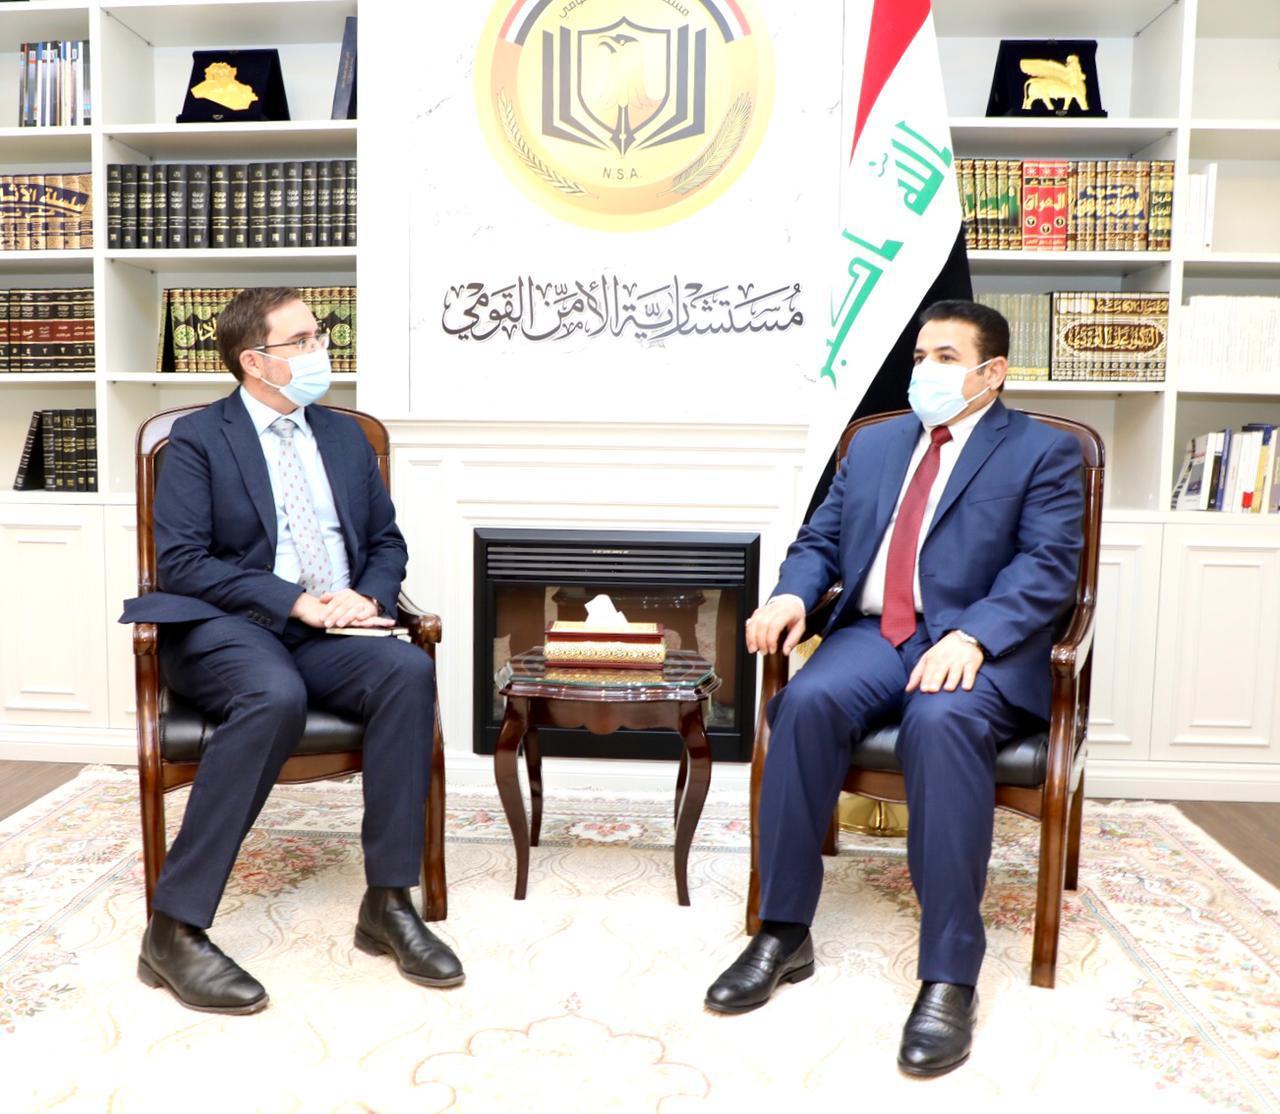 مستشار الأمن القومي السيد قاسم الأعرجي يستقبل السفير البريطاني في بغداد